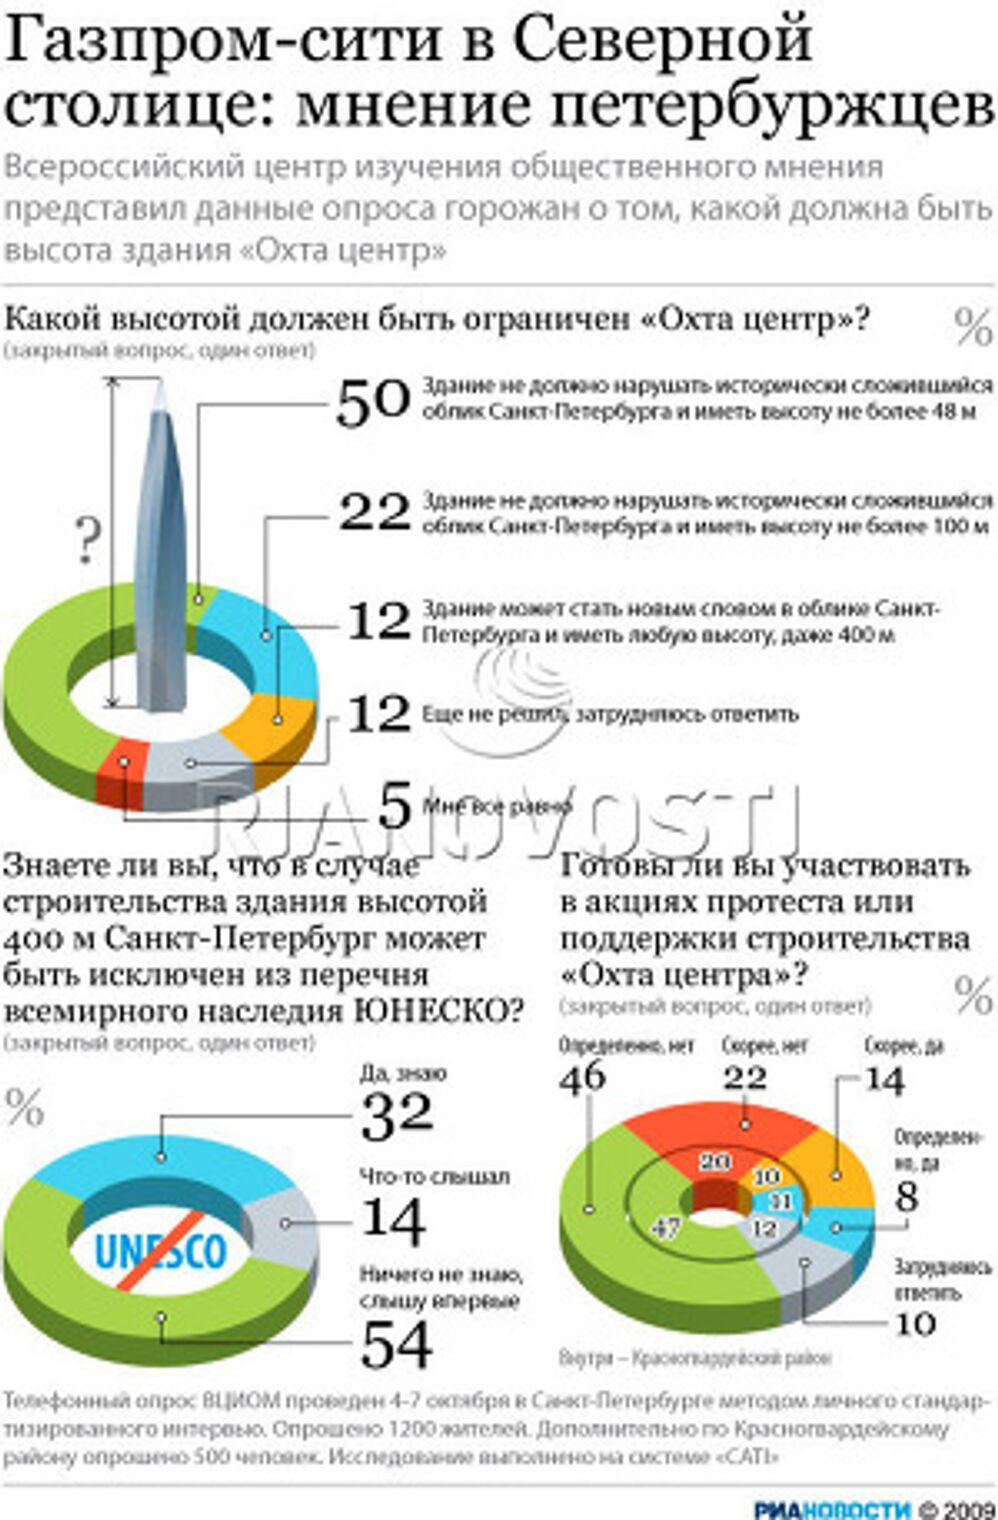 Газпром-сити в Северной столице: мнение петербуржцев